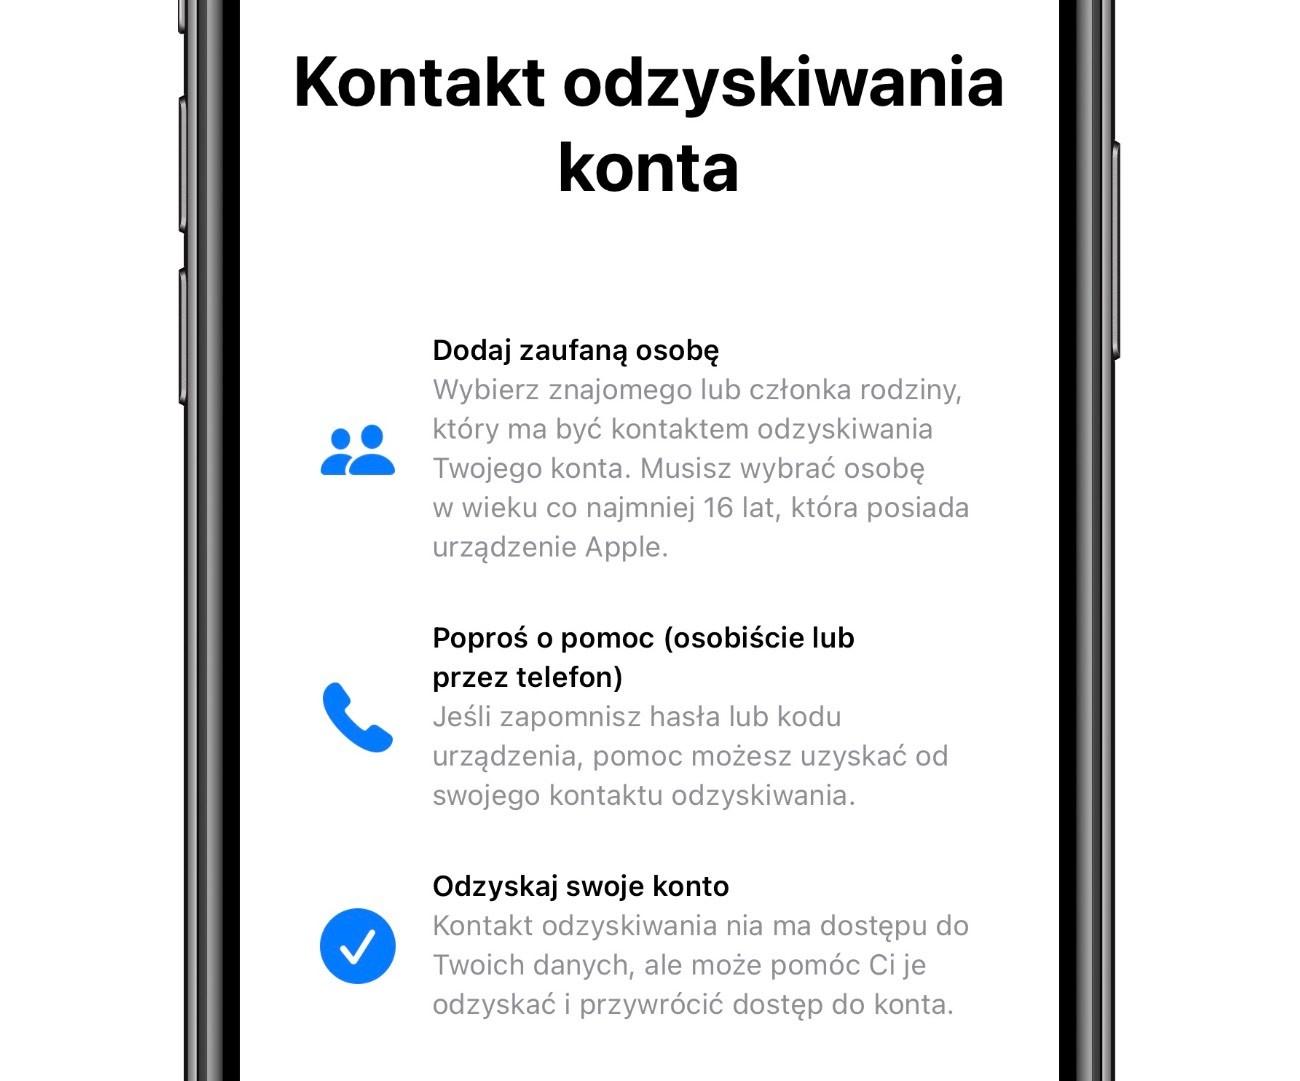 Jak wybrać kontakt do odzyskiwania konta Apple w iOS 15 poradniki, ciekawostki zaufany kontakt, odzyskiwanie konta apple, odzyskiwanie hasla do konta apple, jak odzyskac konto apple, jak odzyskac haslo do konta apple, jak odzyskac haslo do icloud, ios 15 i odzyskiwanie konta apple, iOS 15  Może nie wszyscy z Was wiedzą, ale w systemie iOS 15 można wybrać zaufany kontakt do odzyskiwania konta Cloud konta Apple. odzyskiwanie hasla